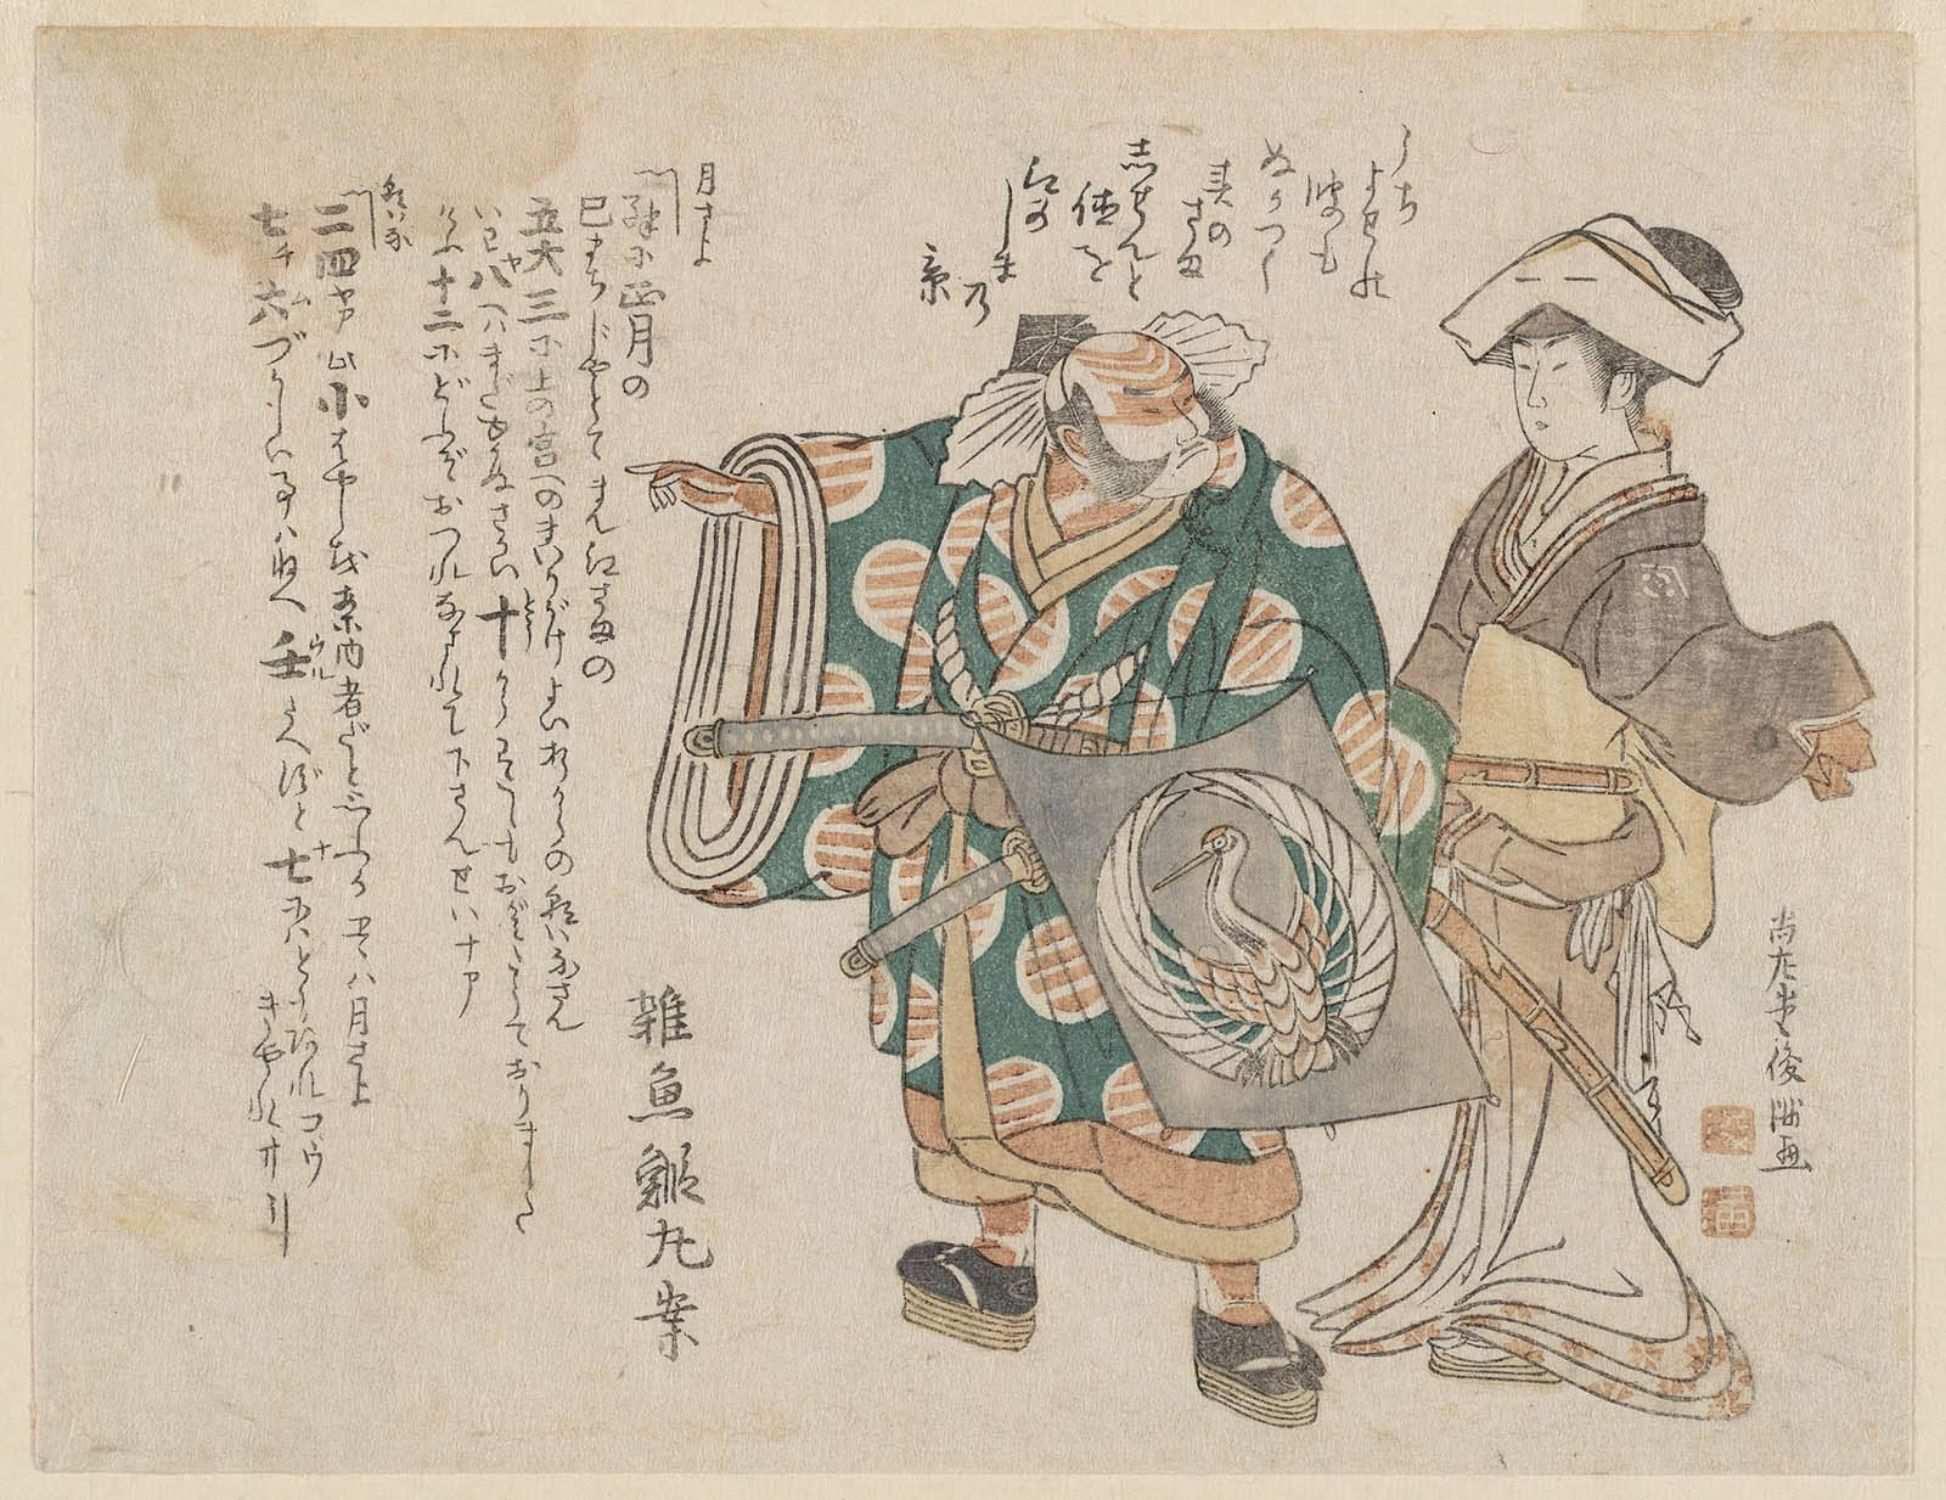 Comic Dialogue between Tsukisayo and Asaina_1797_130х170 мм